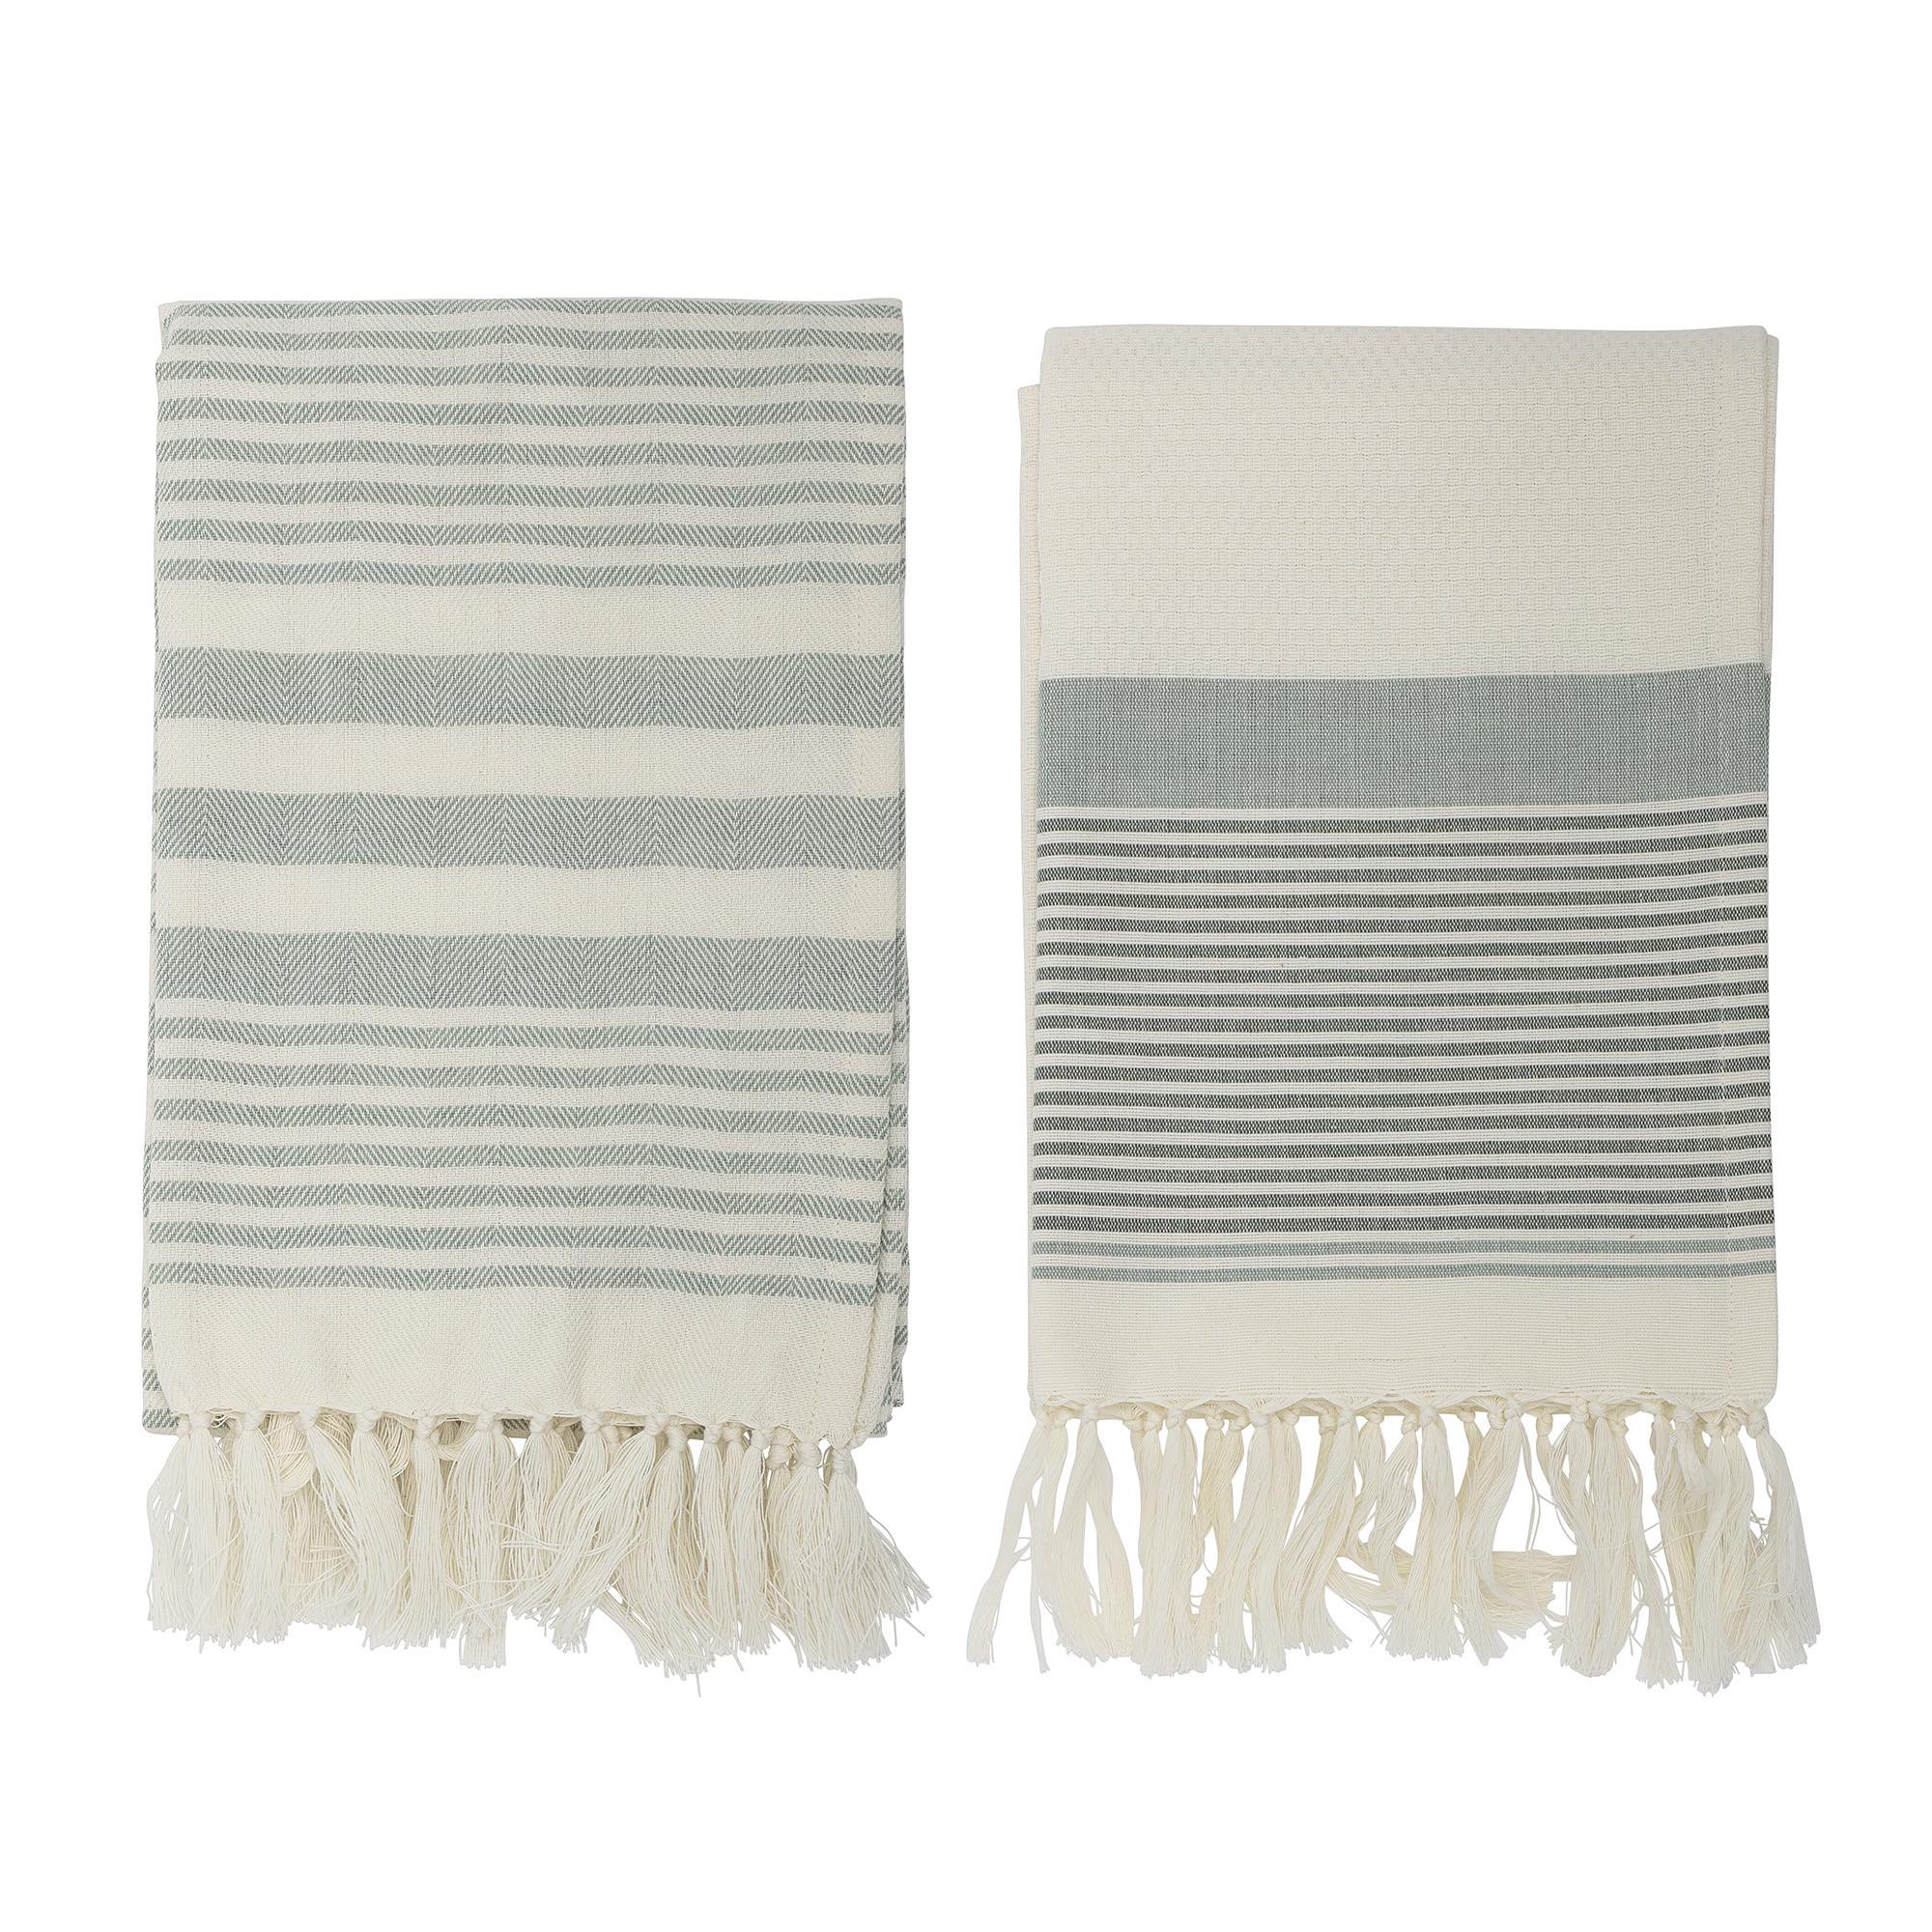 Billede af Loke håndklæde, Grøn - 180x100 cm (2 stk)